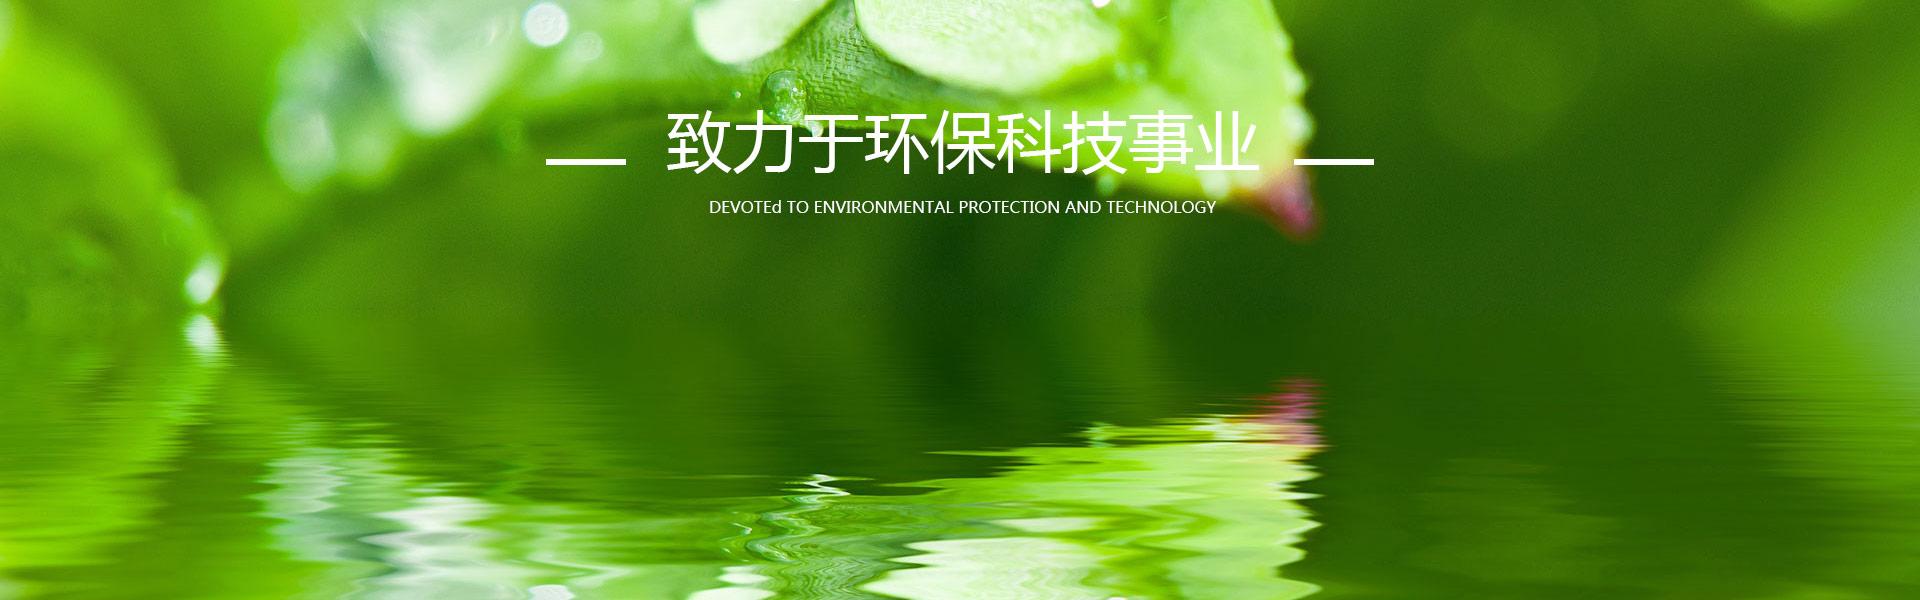 循環水超低排放